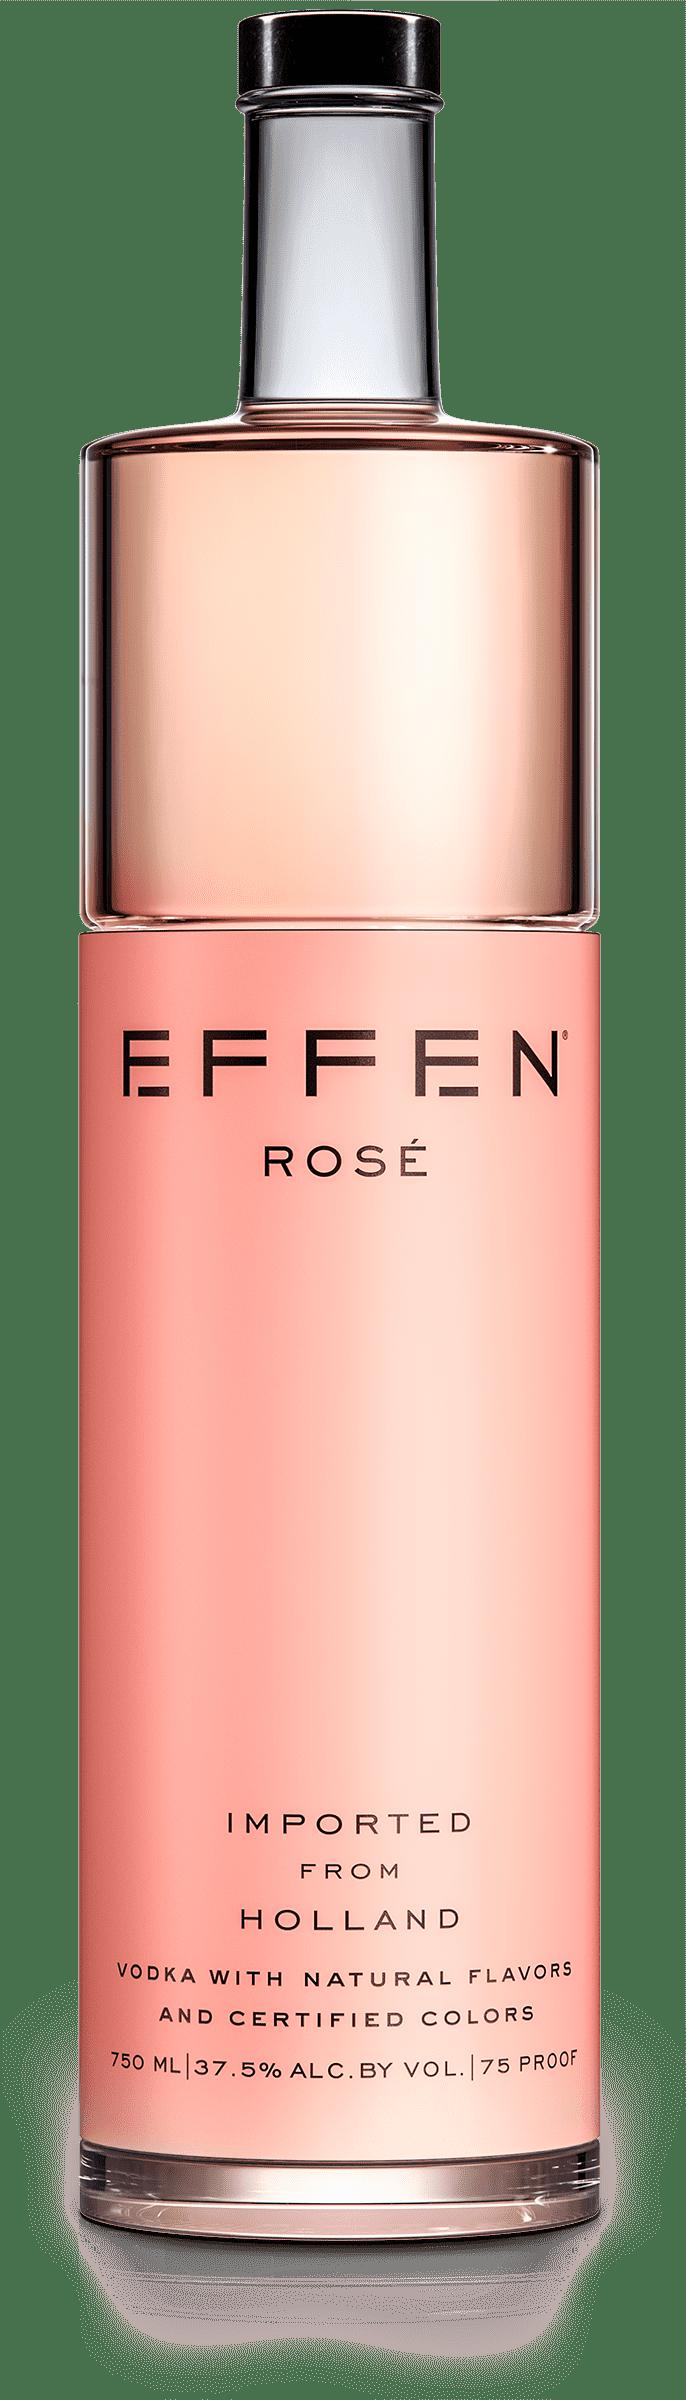 EFFEN Rose Vodka bottle shot